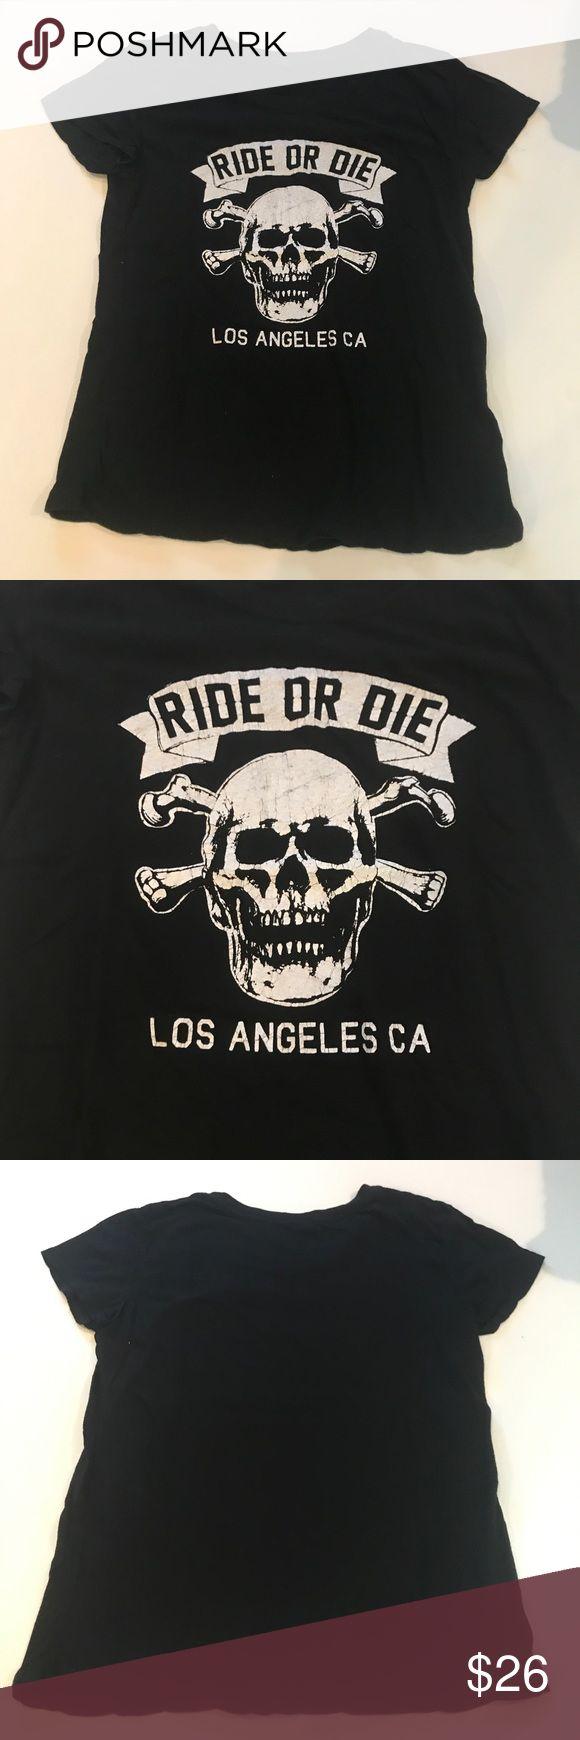 """John Galt Ride Or Die Black T Shirt John Galt Ride Or Die Black T Shirt. In good condition. Approximately 22"""" long. John Galt Tops Tees - Short Sleeve"""